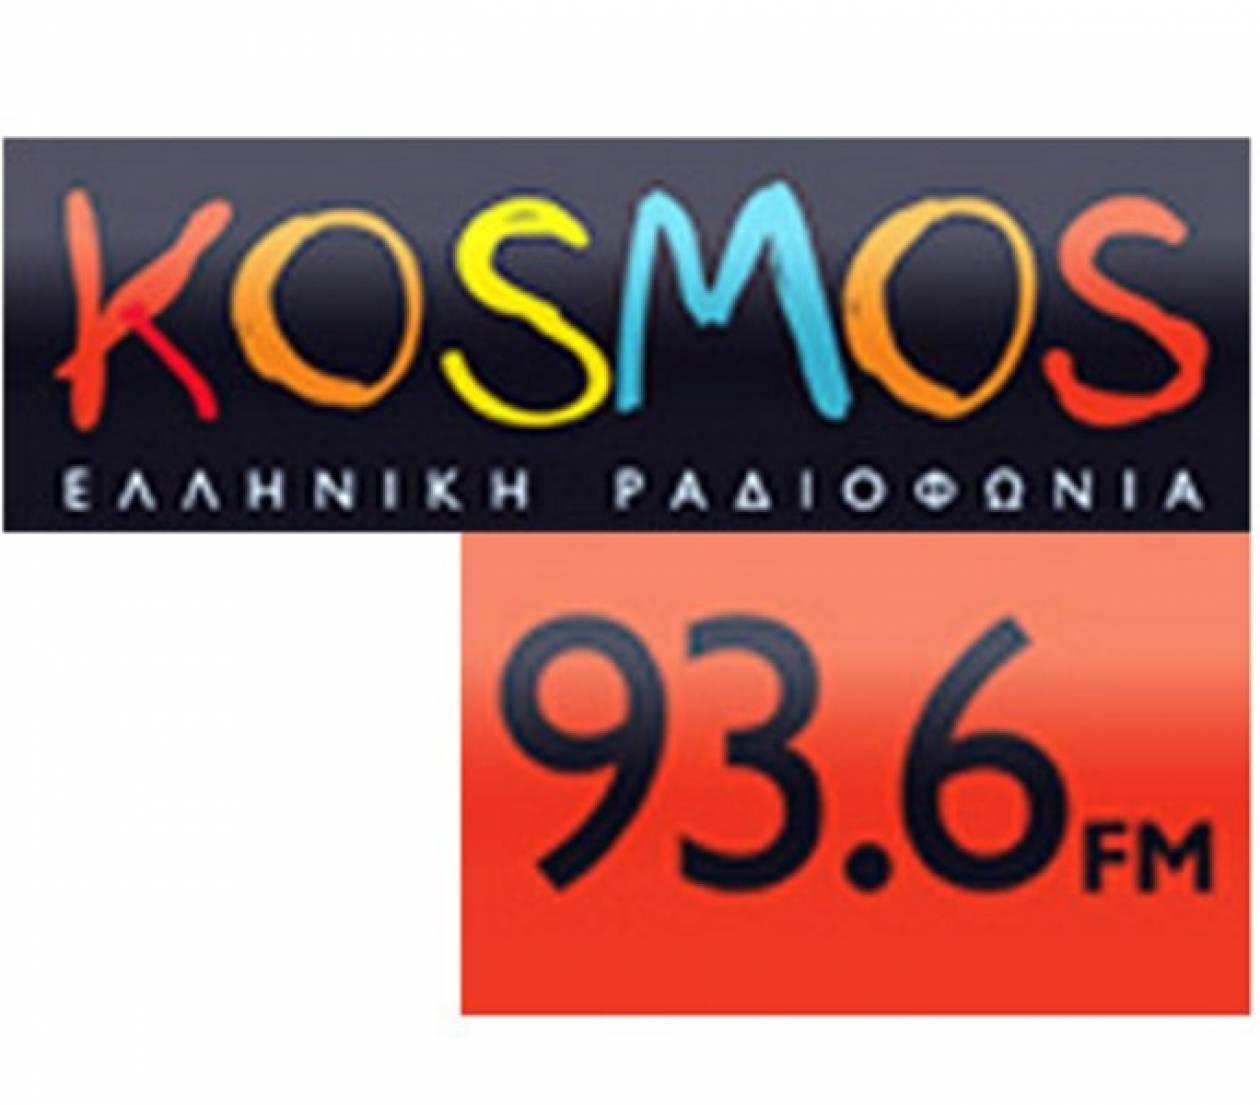 Επιστρέφει στα ερτζιανά  ο Kosmos